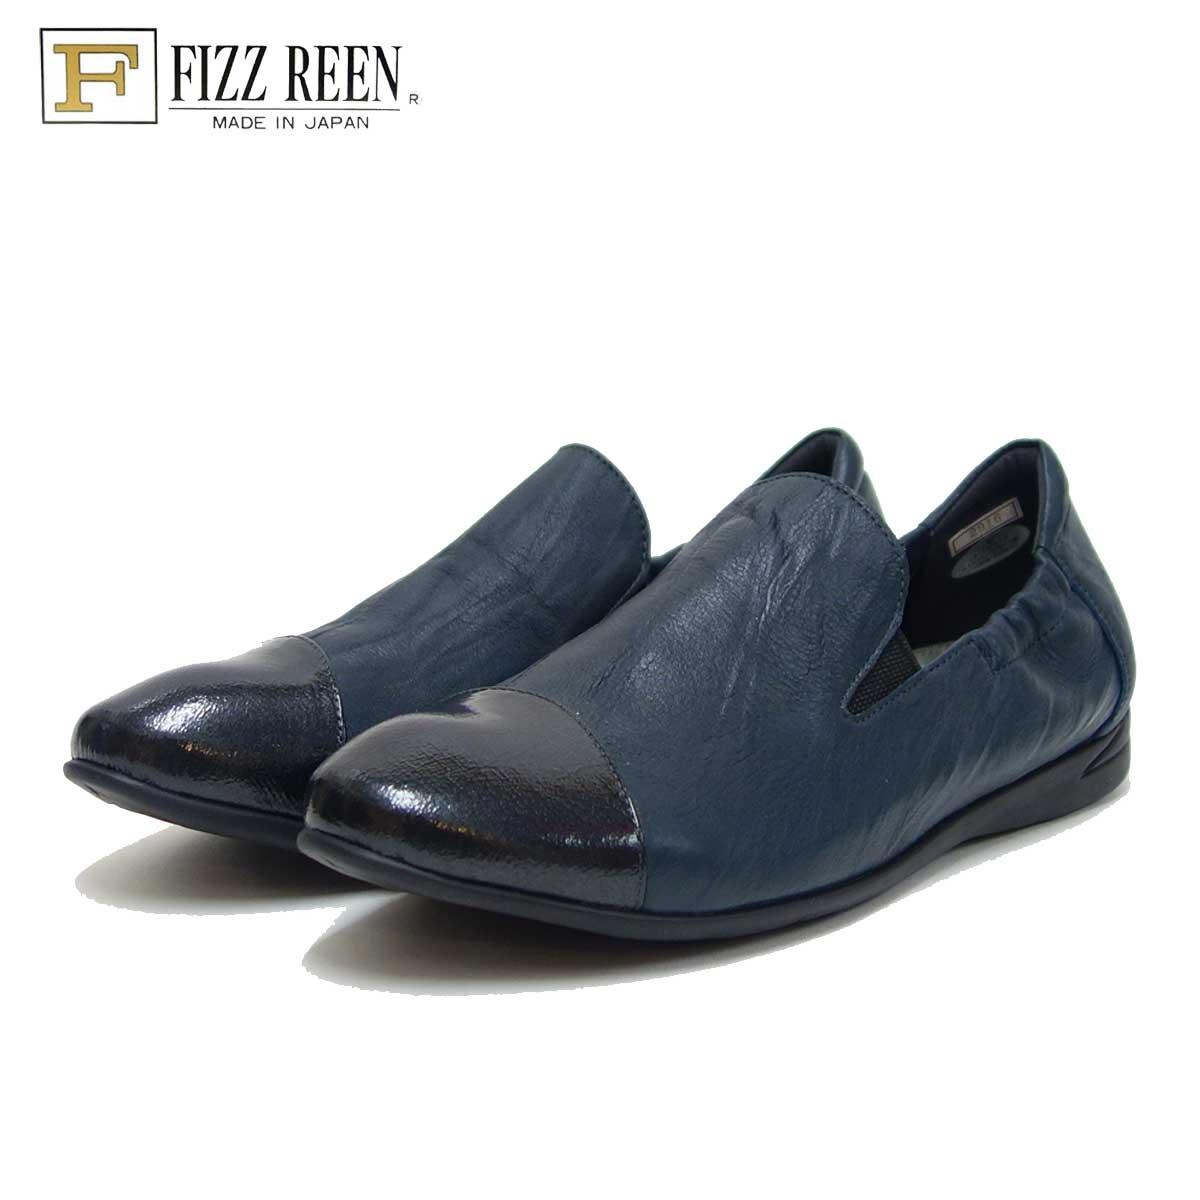 フィズリーン FIZZ REEN 2916 ネイビー(レディース) 快適EEEの甲深フラットシューズ(日本製)「靴」